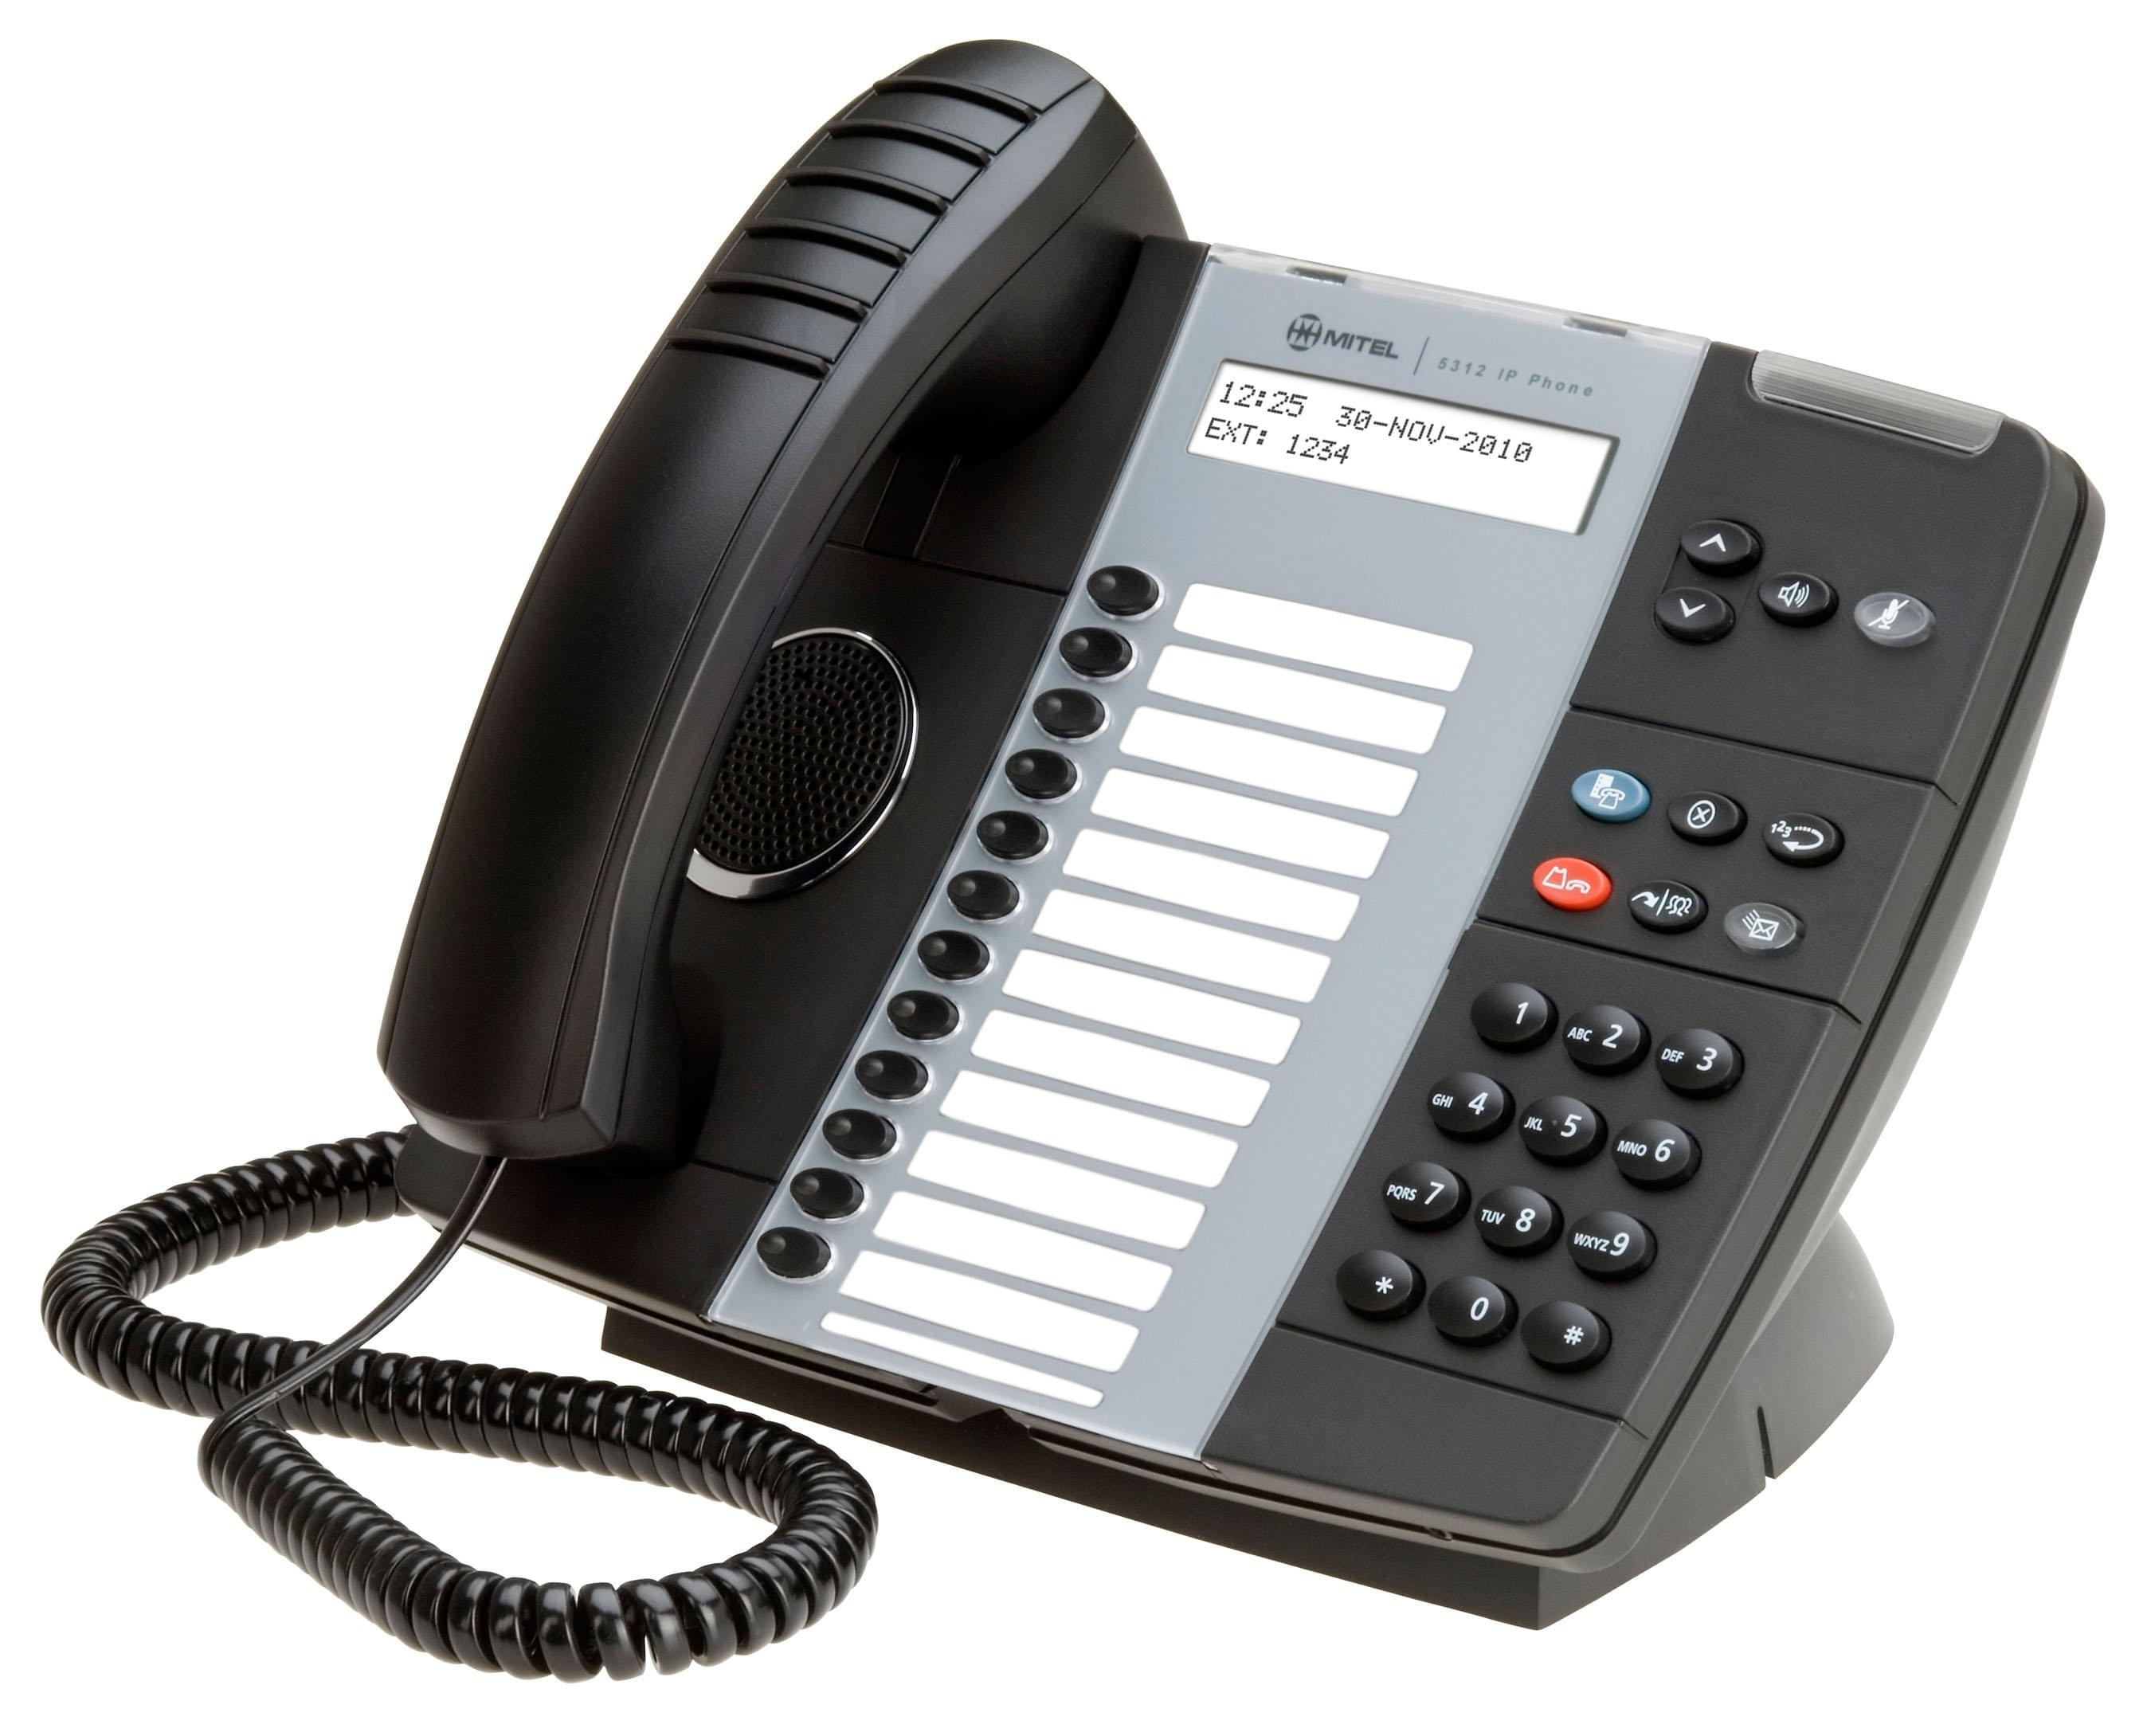 Mitel-VoIP-Phone